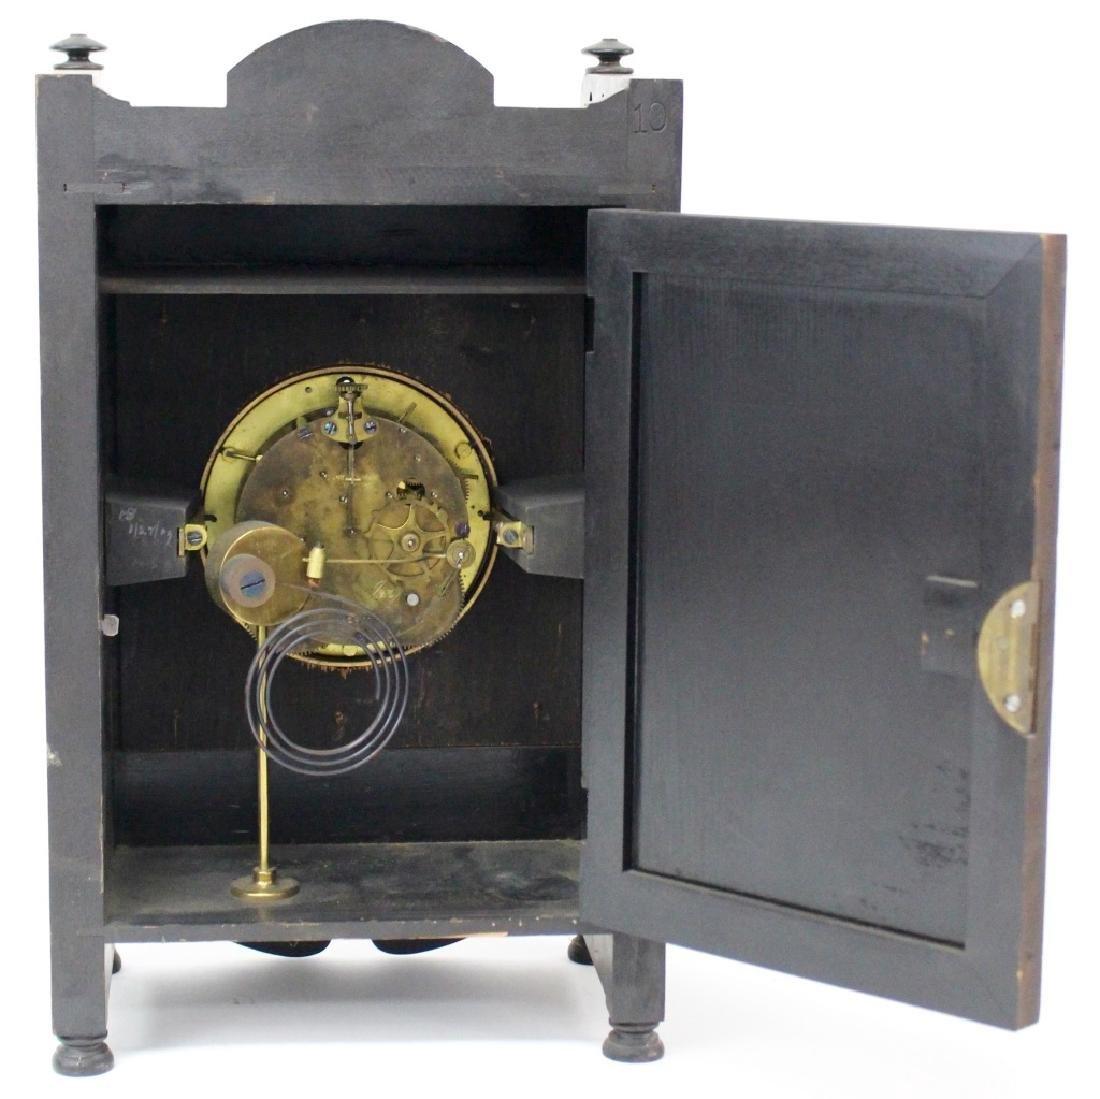 ANTIQUE SETH THOMAS EBONIZED CASE MANTEL CLOCK - 5